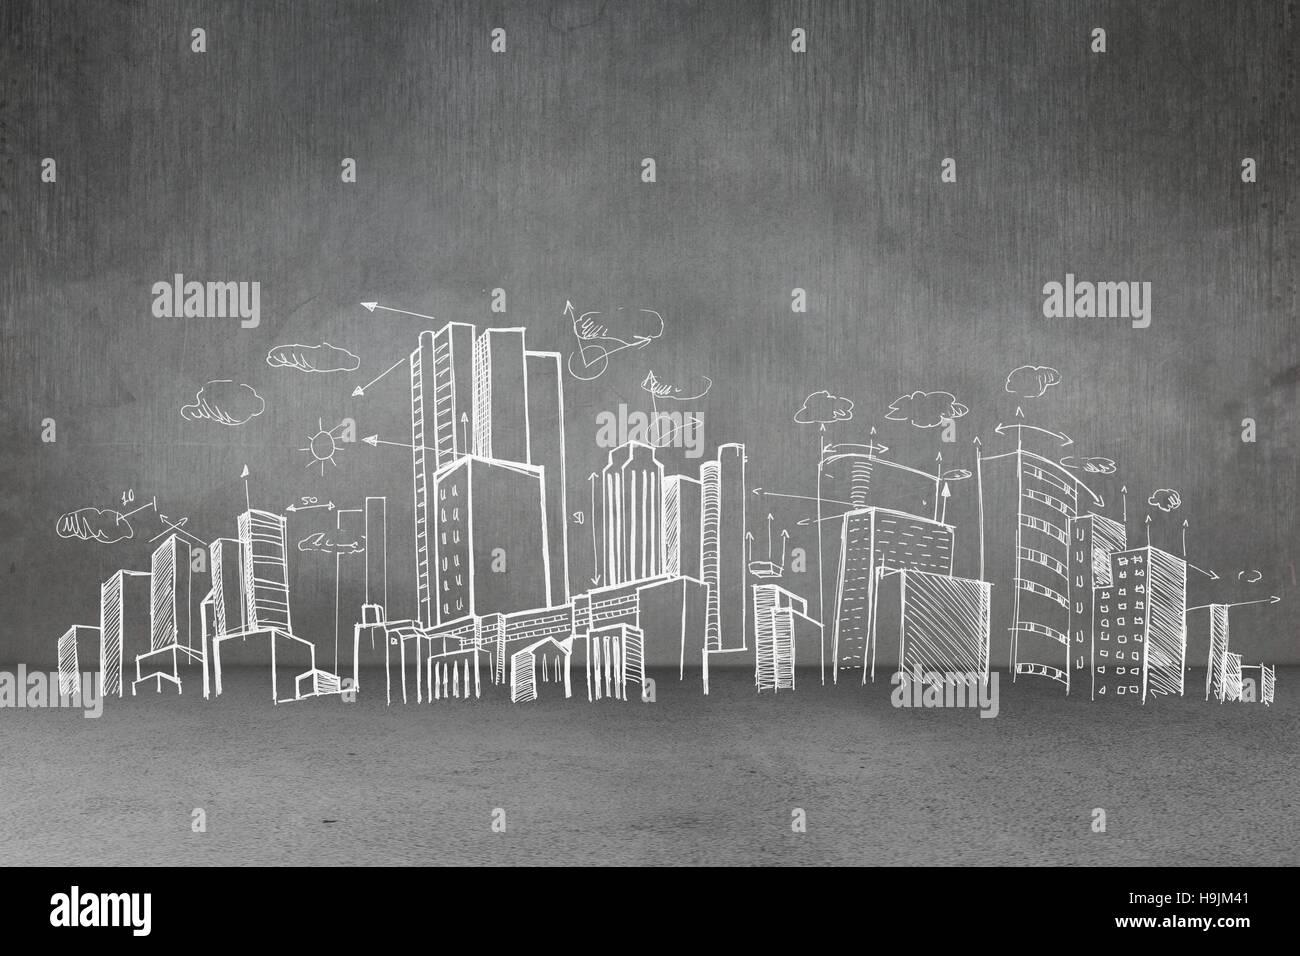 Hand gezeichnete Stadtplan Stockbild